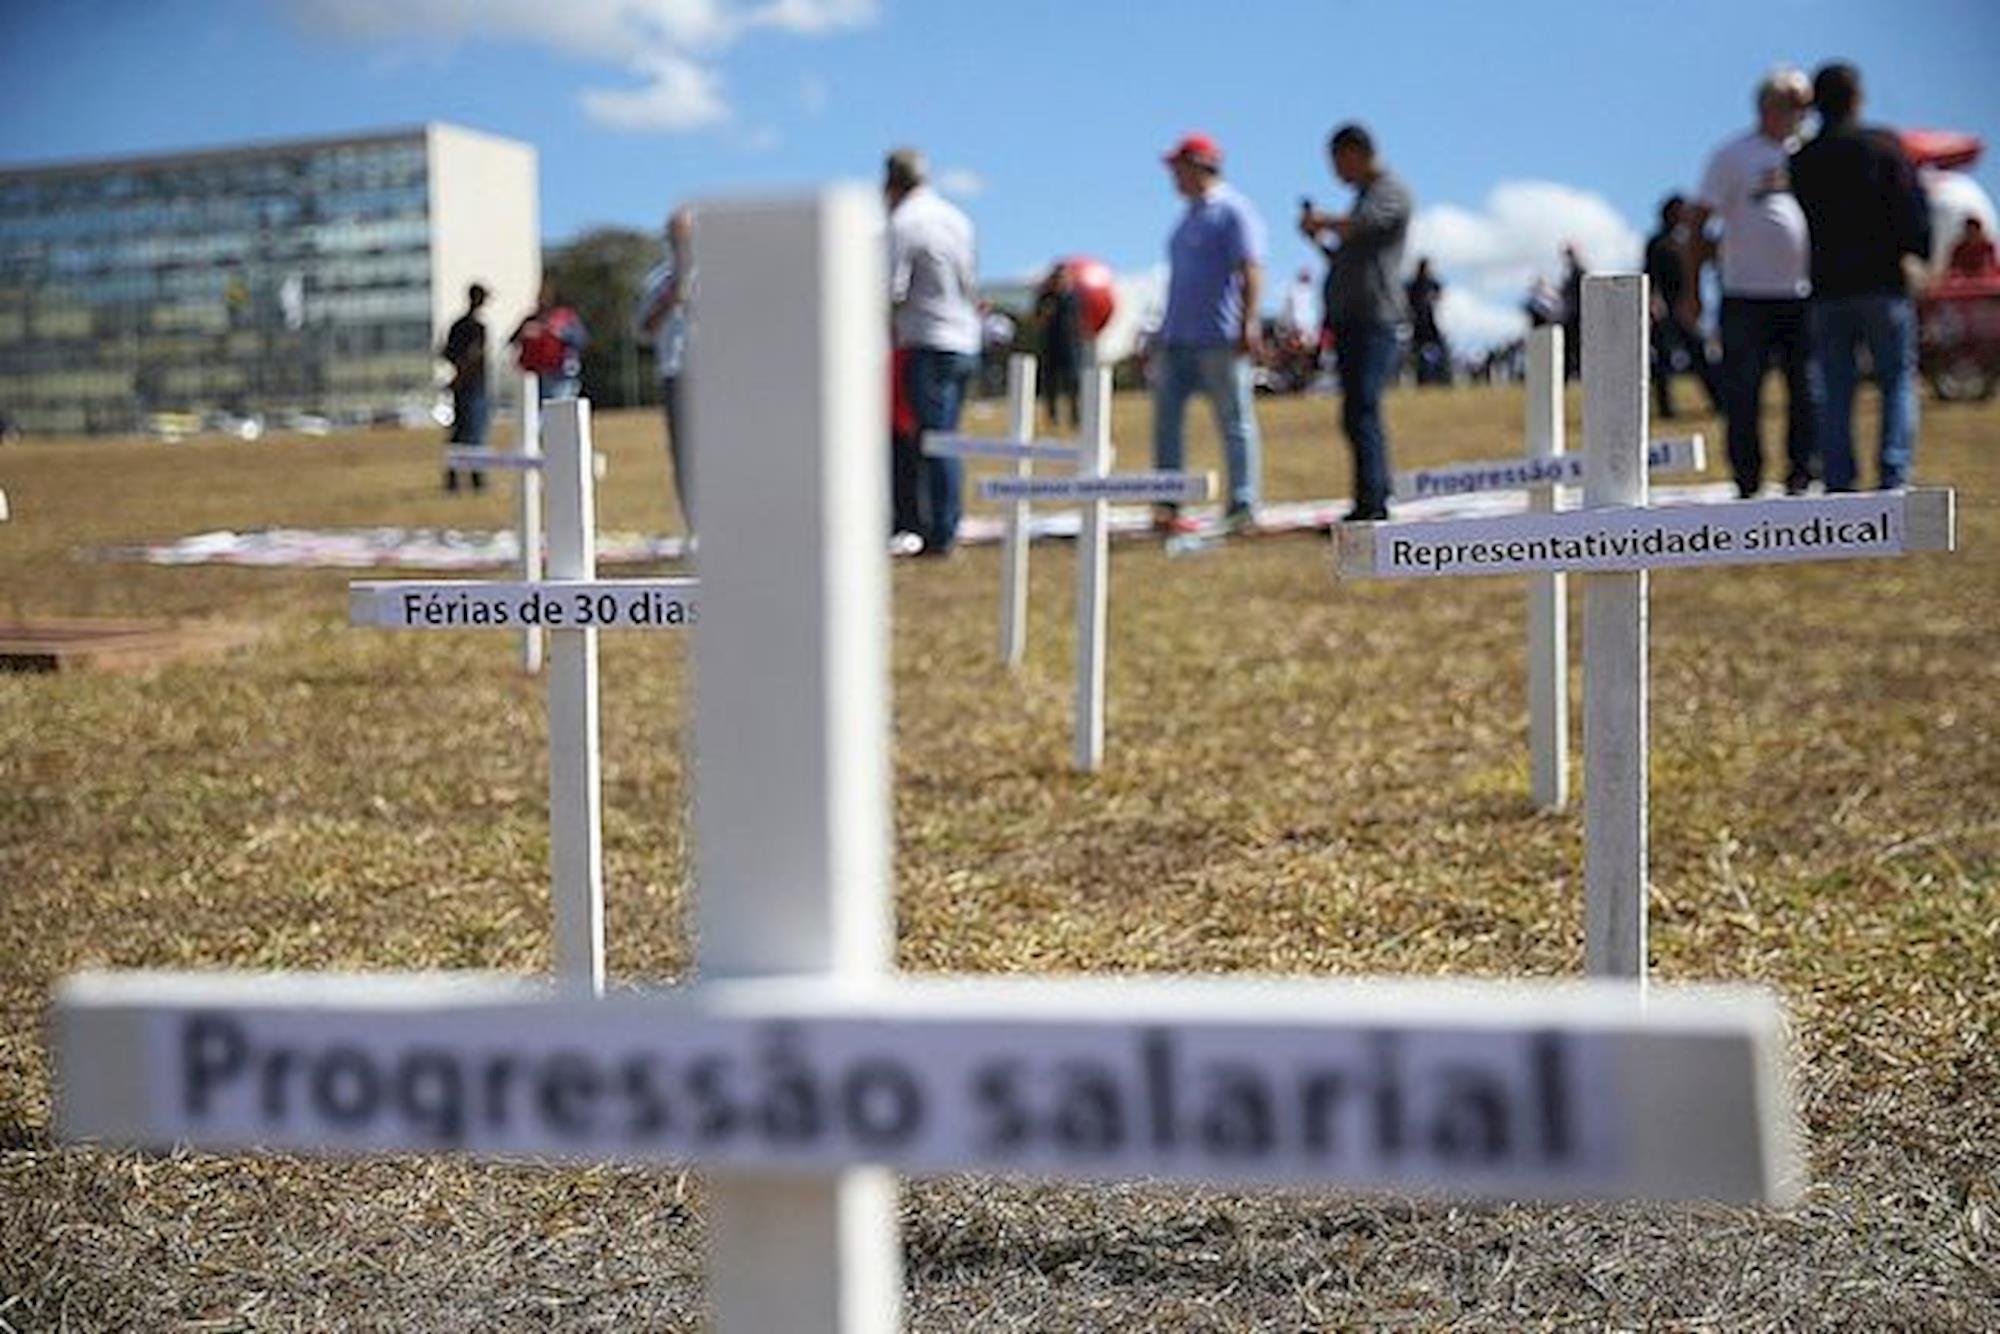 , José Cruz/Agência Brasil